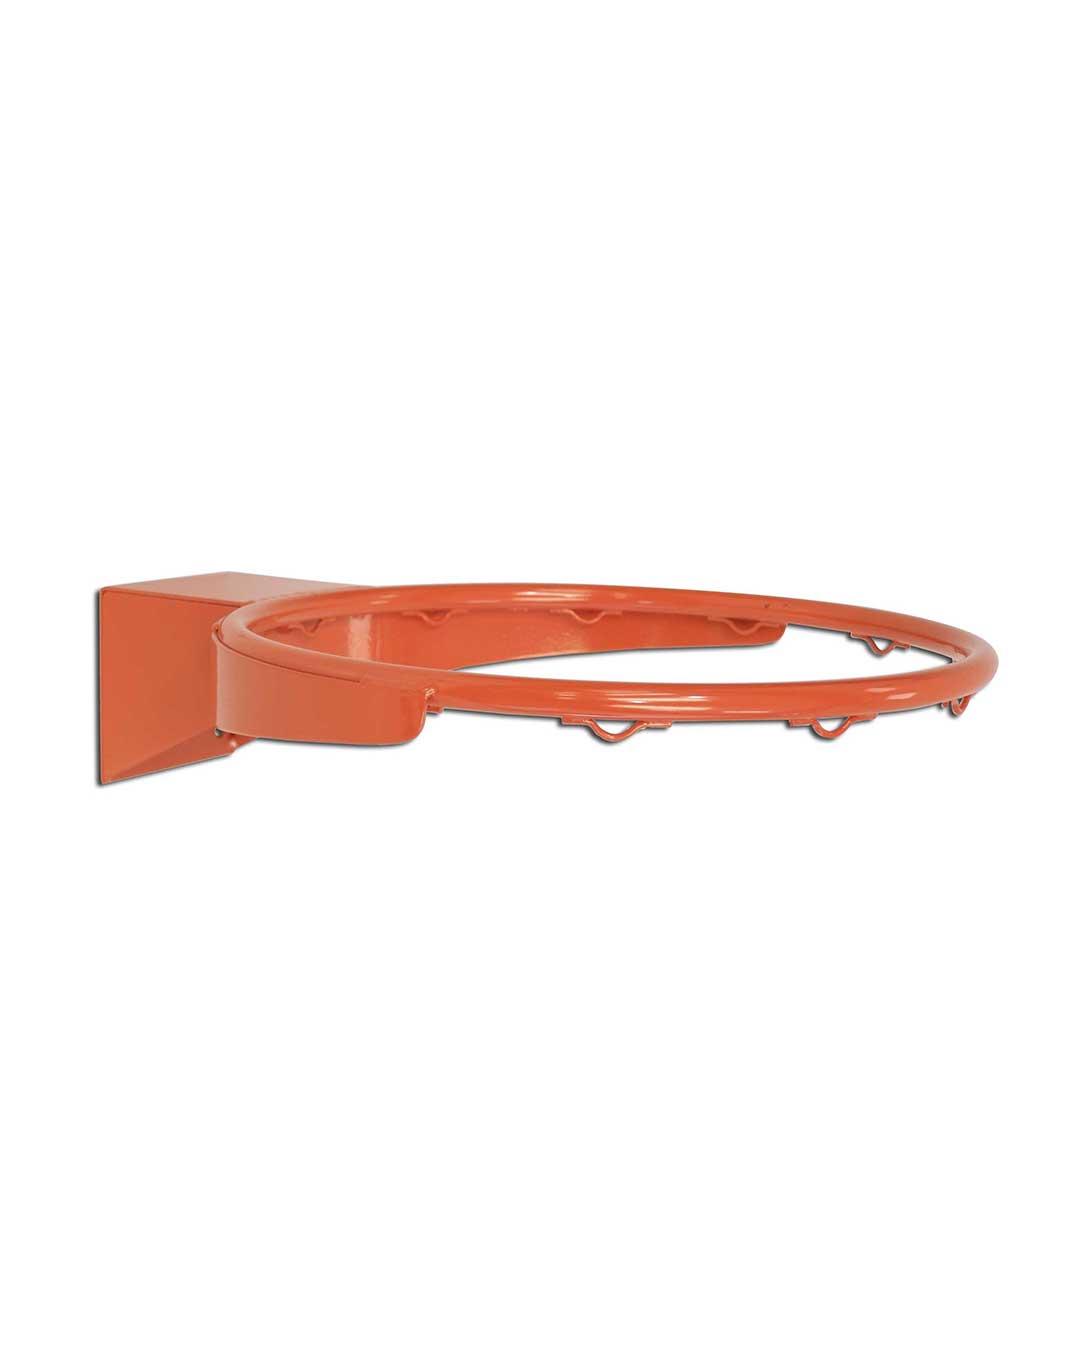 Aro de básquetbol de acero reforzado S04232